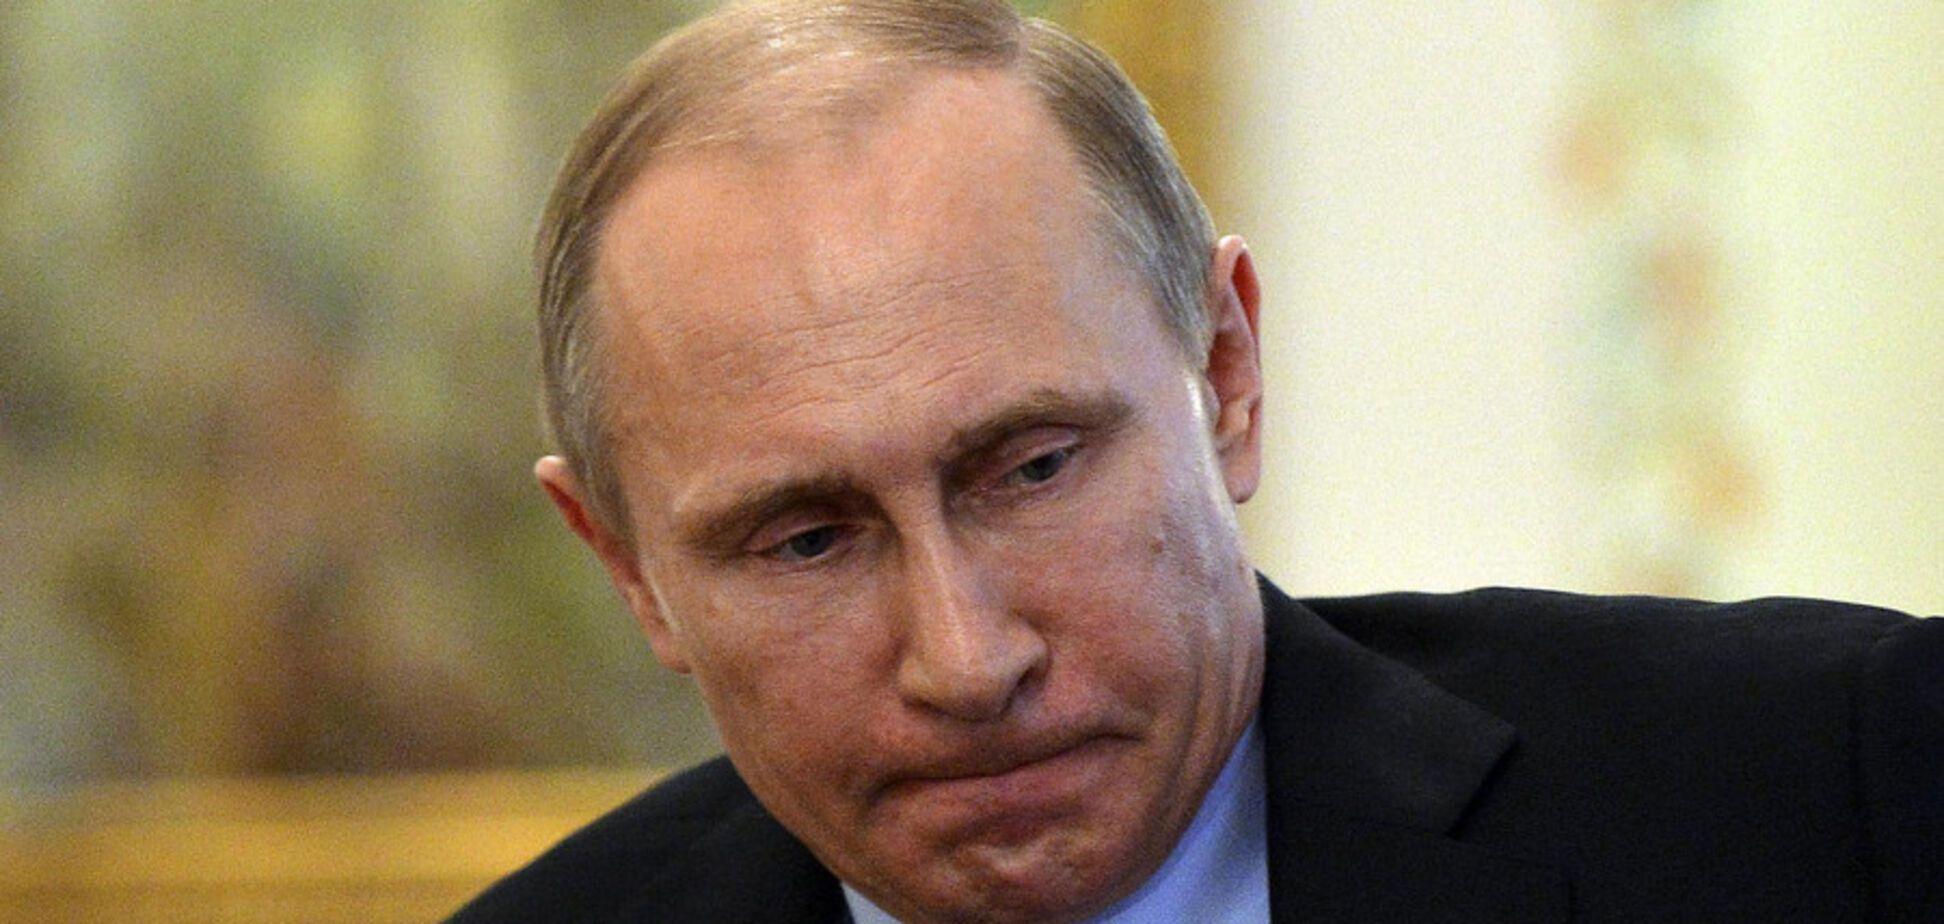 Помста за окупацію: у продаж надійшли презервативи з Путіним